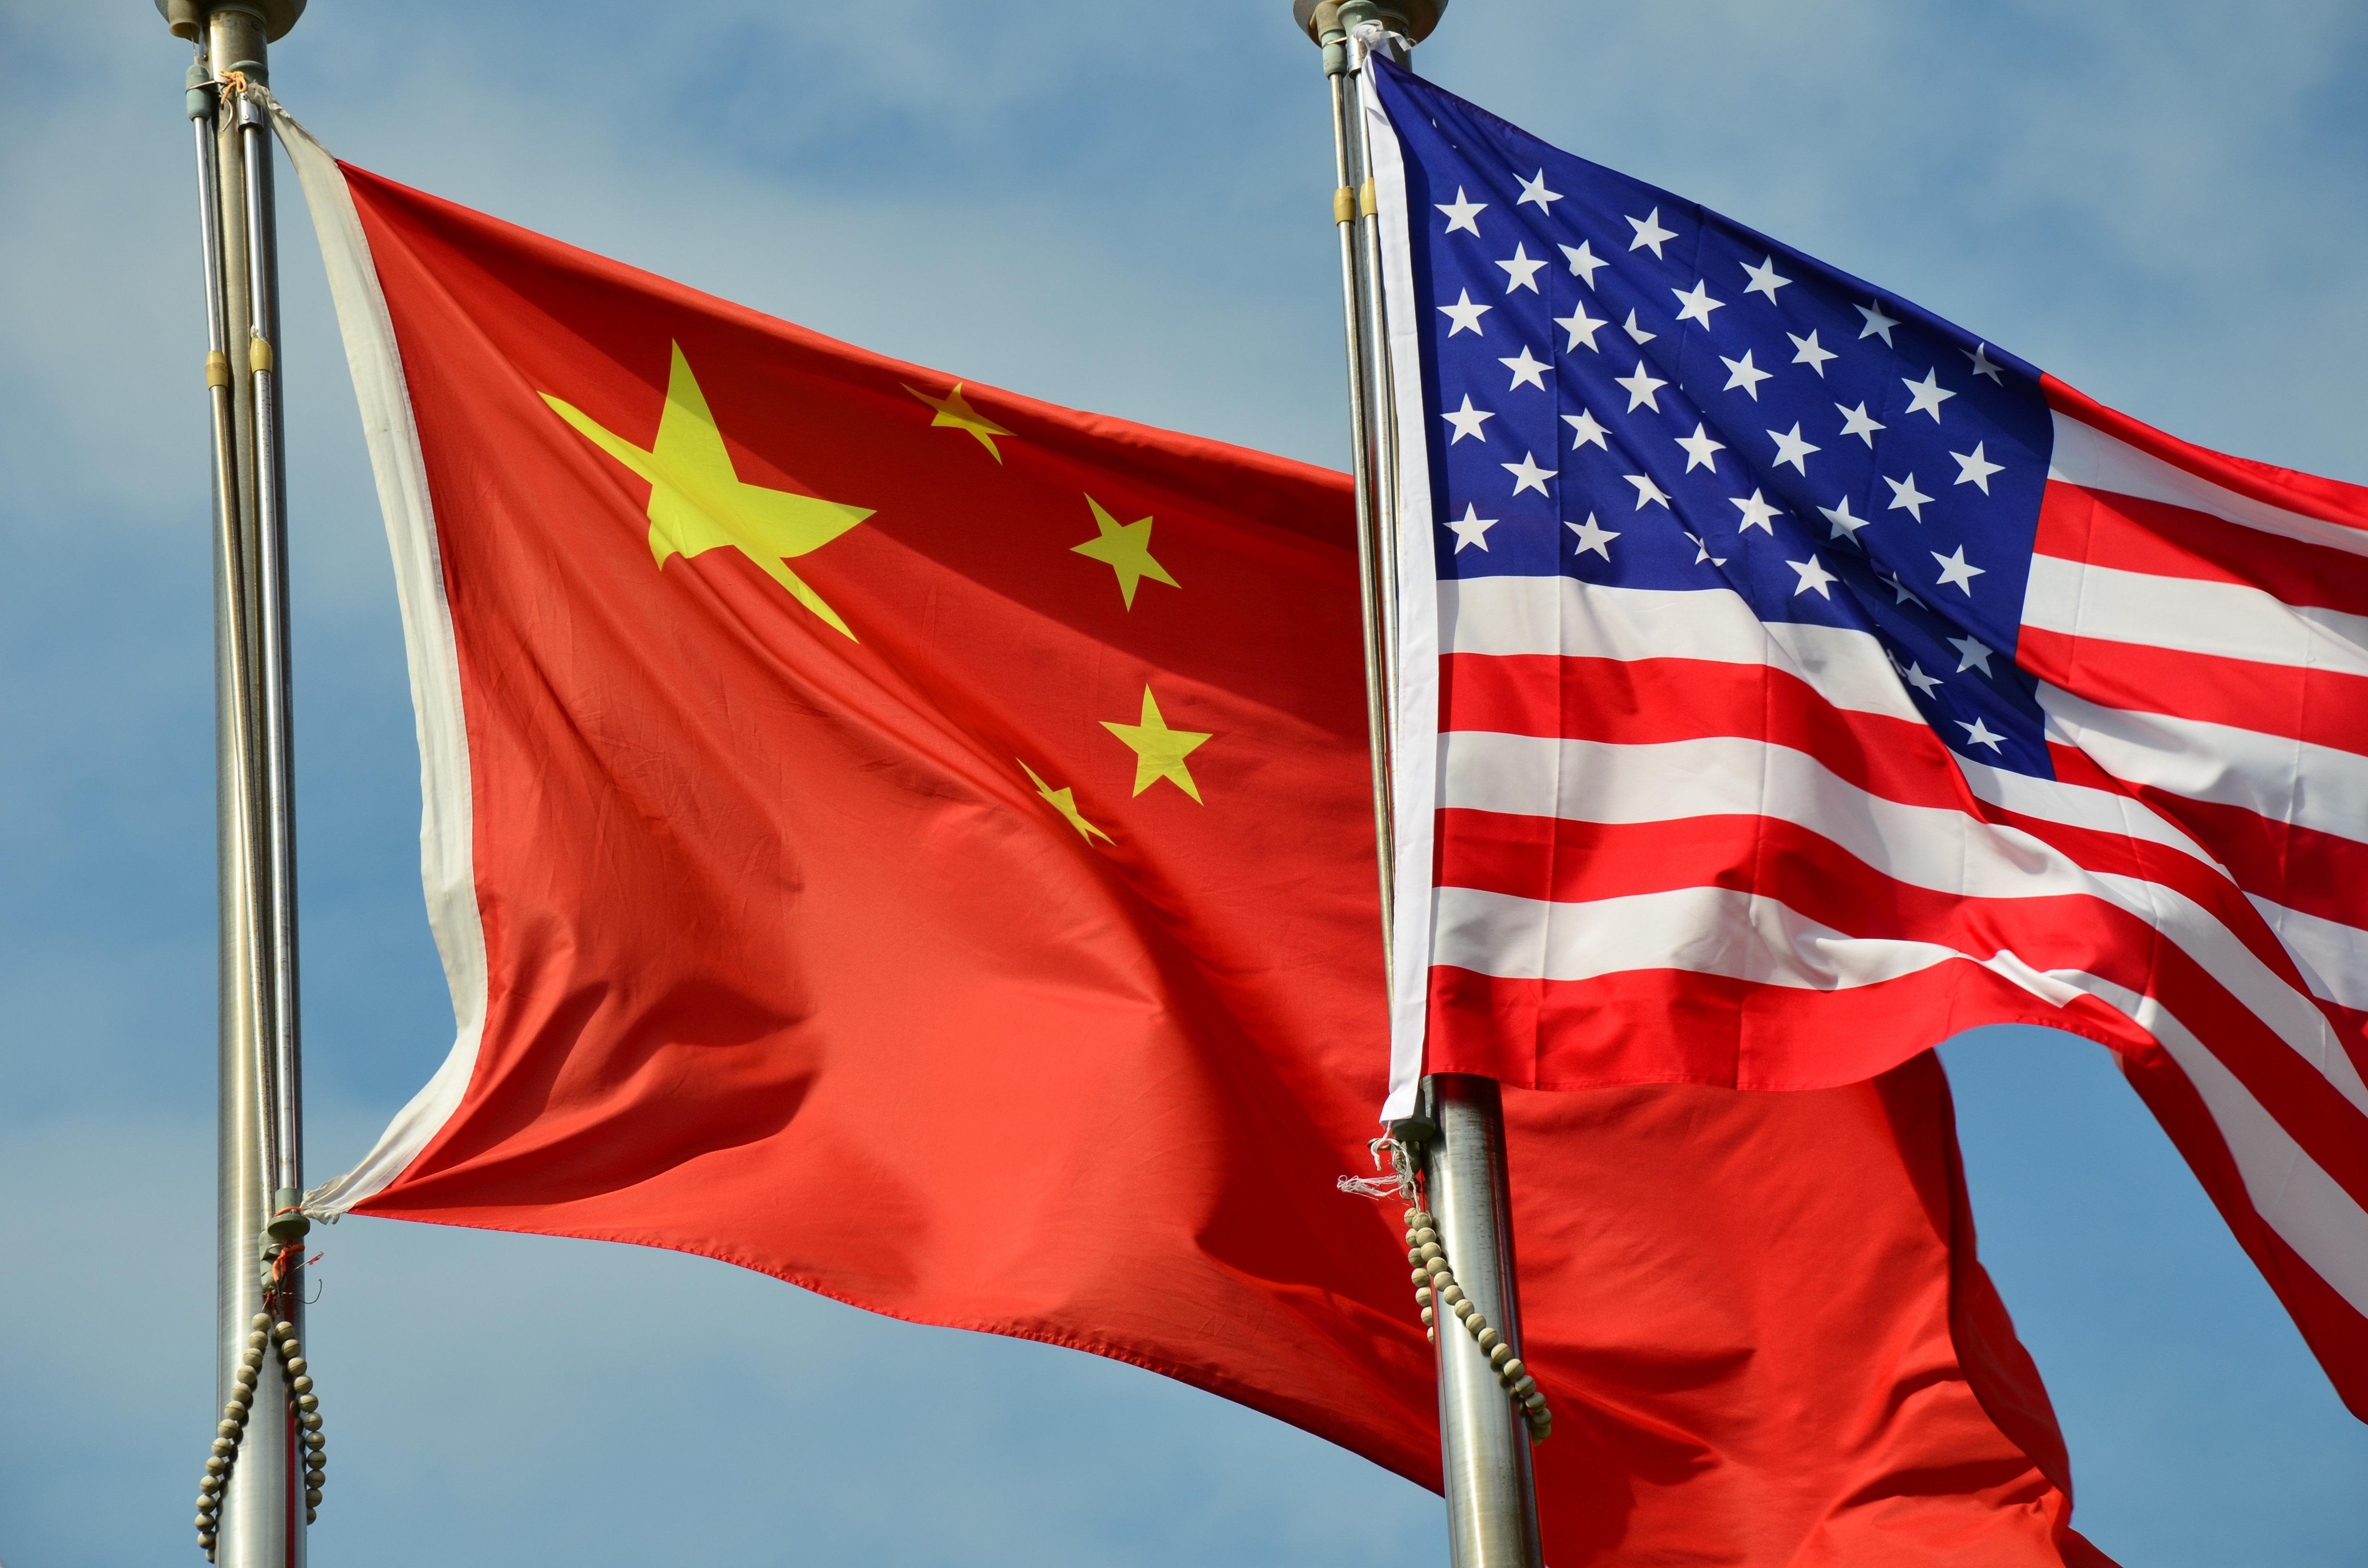 Οι κινεζικοί δασμοί σε αμερικανικά προϊόντα θα τεθούν σε ισχύ την 6η